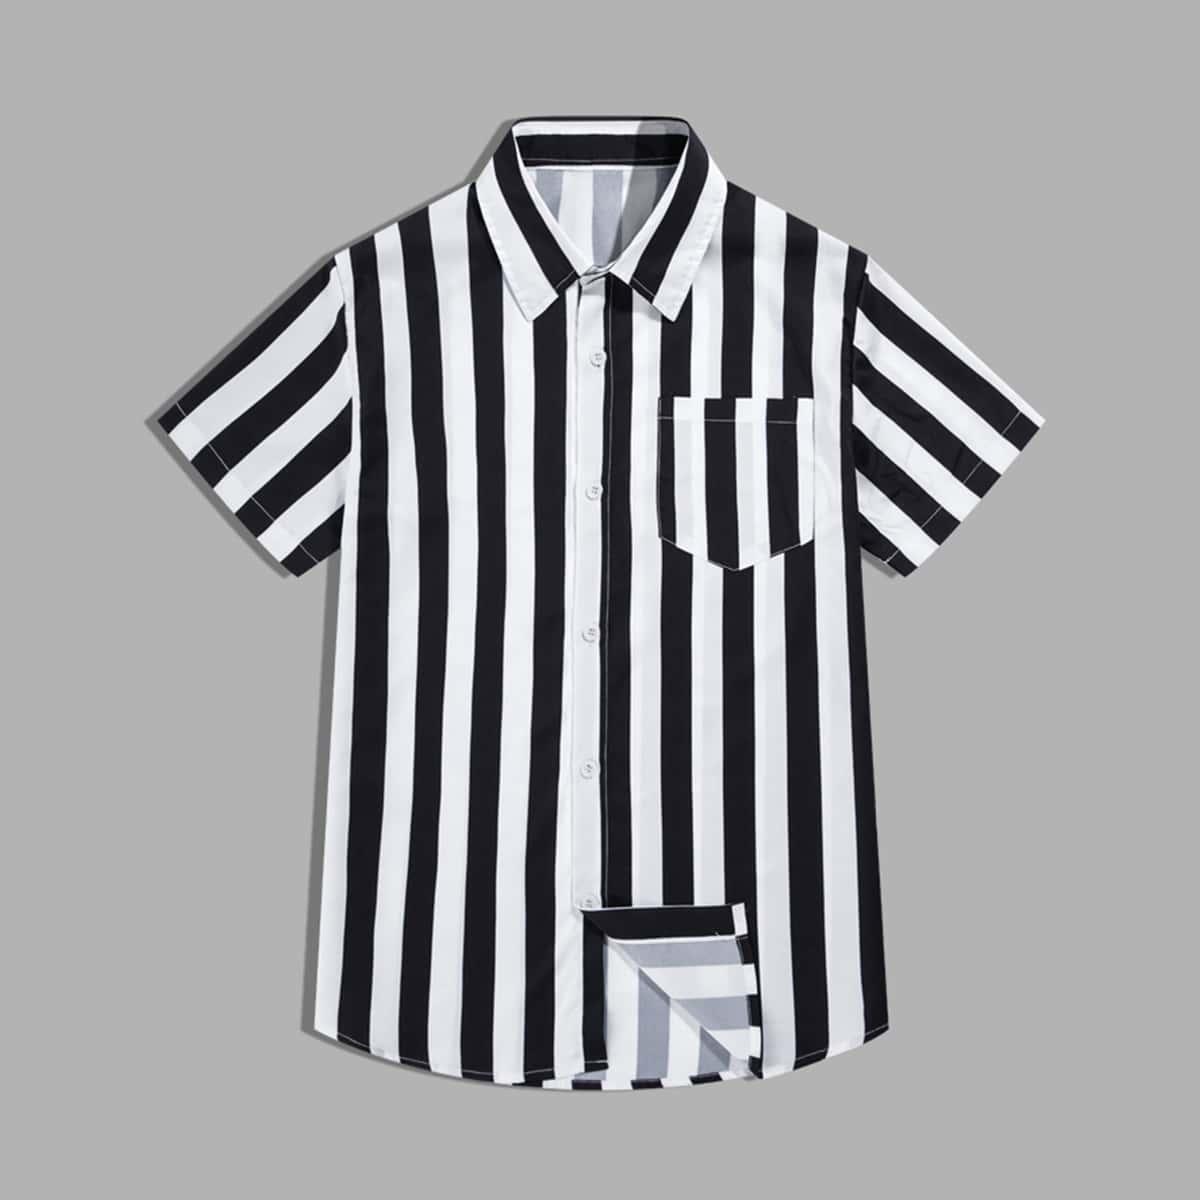 Мужская рубашка в полоску SheIn smshirt03201224783